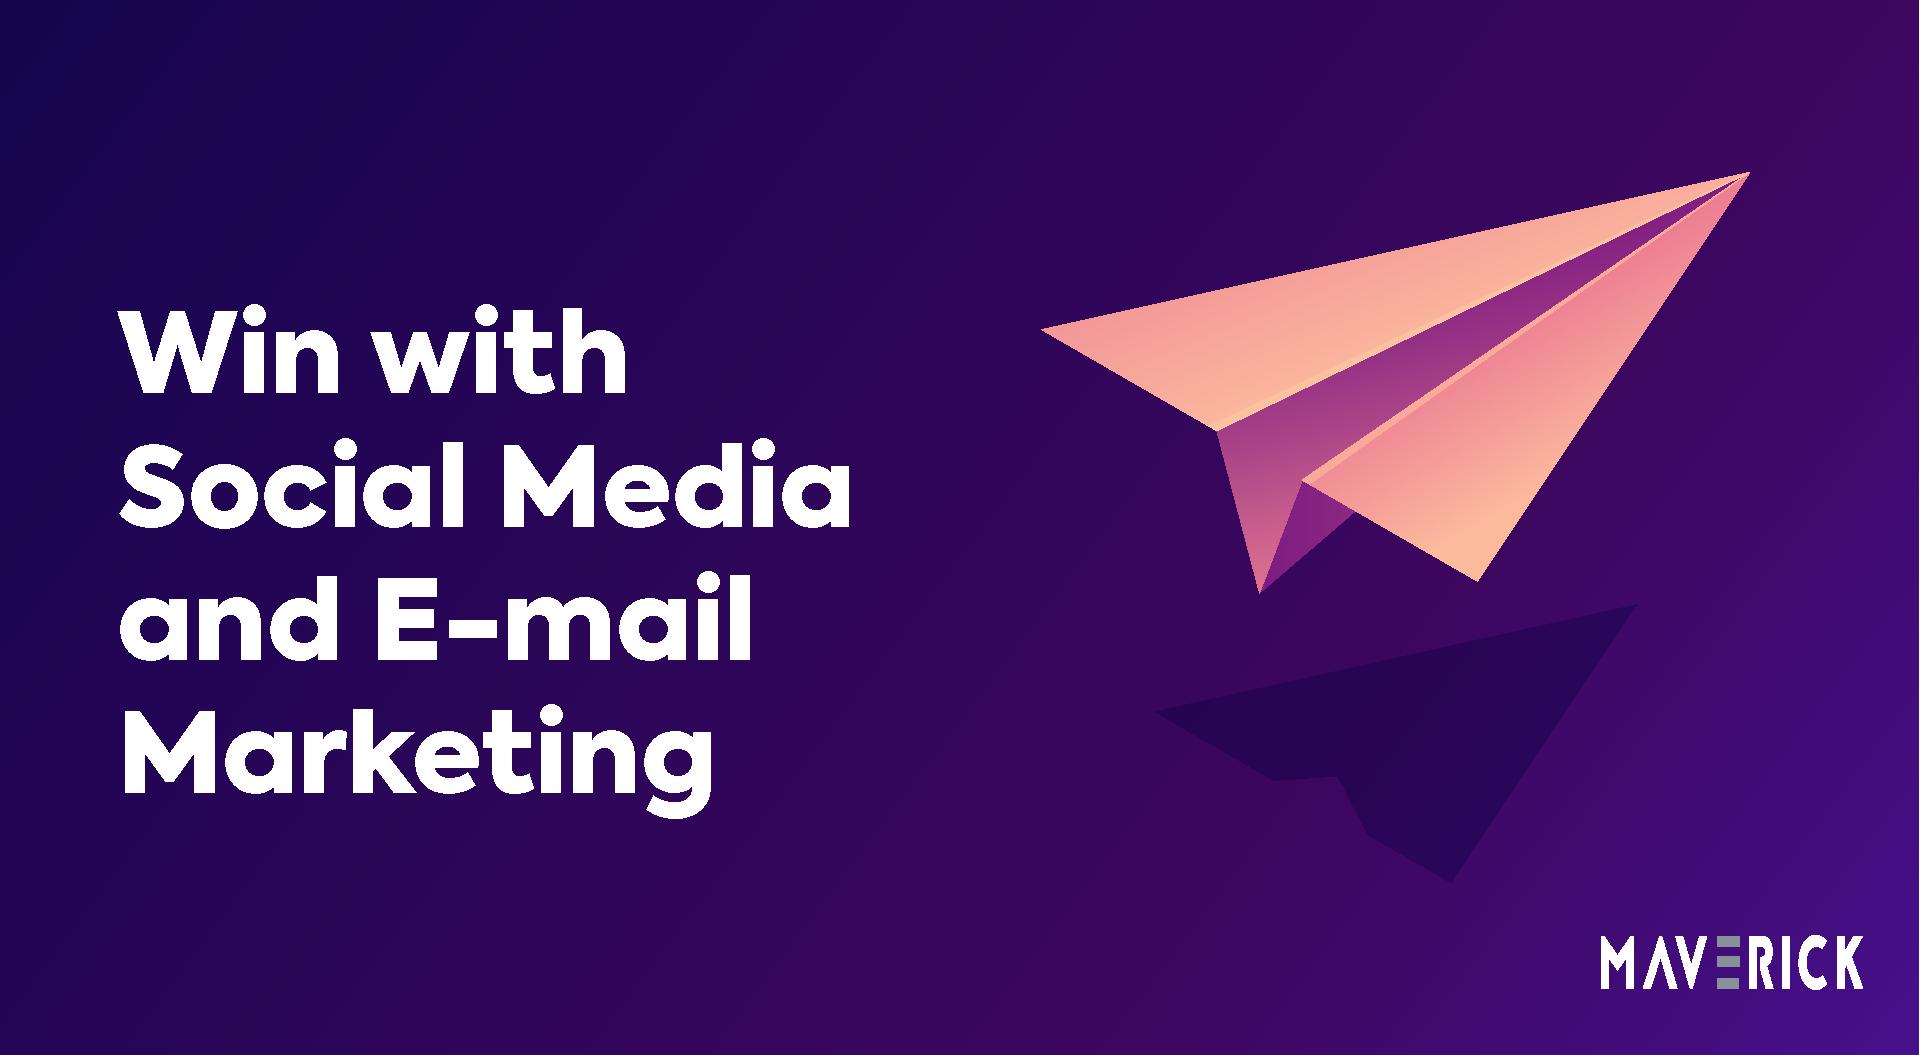 Social Media and E-mail Marketing